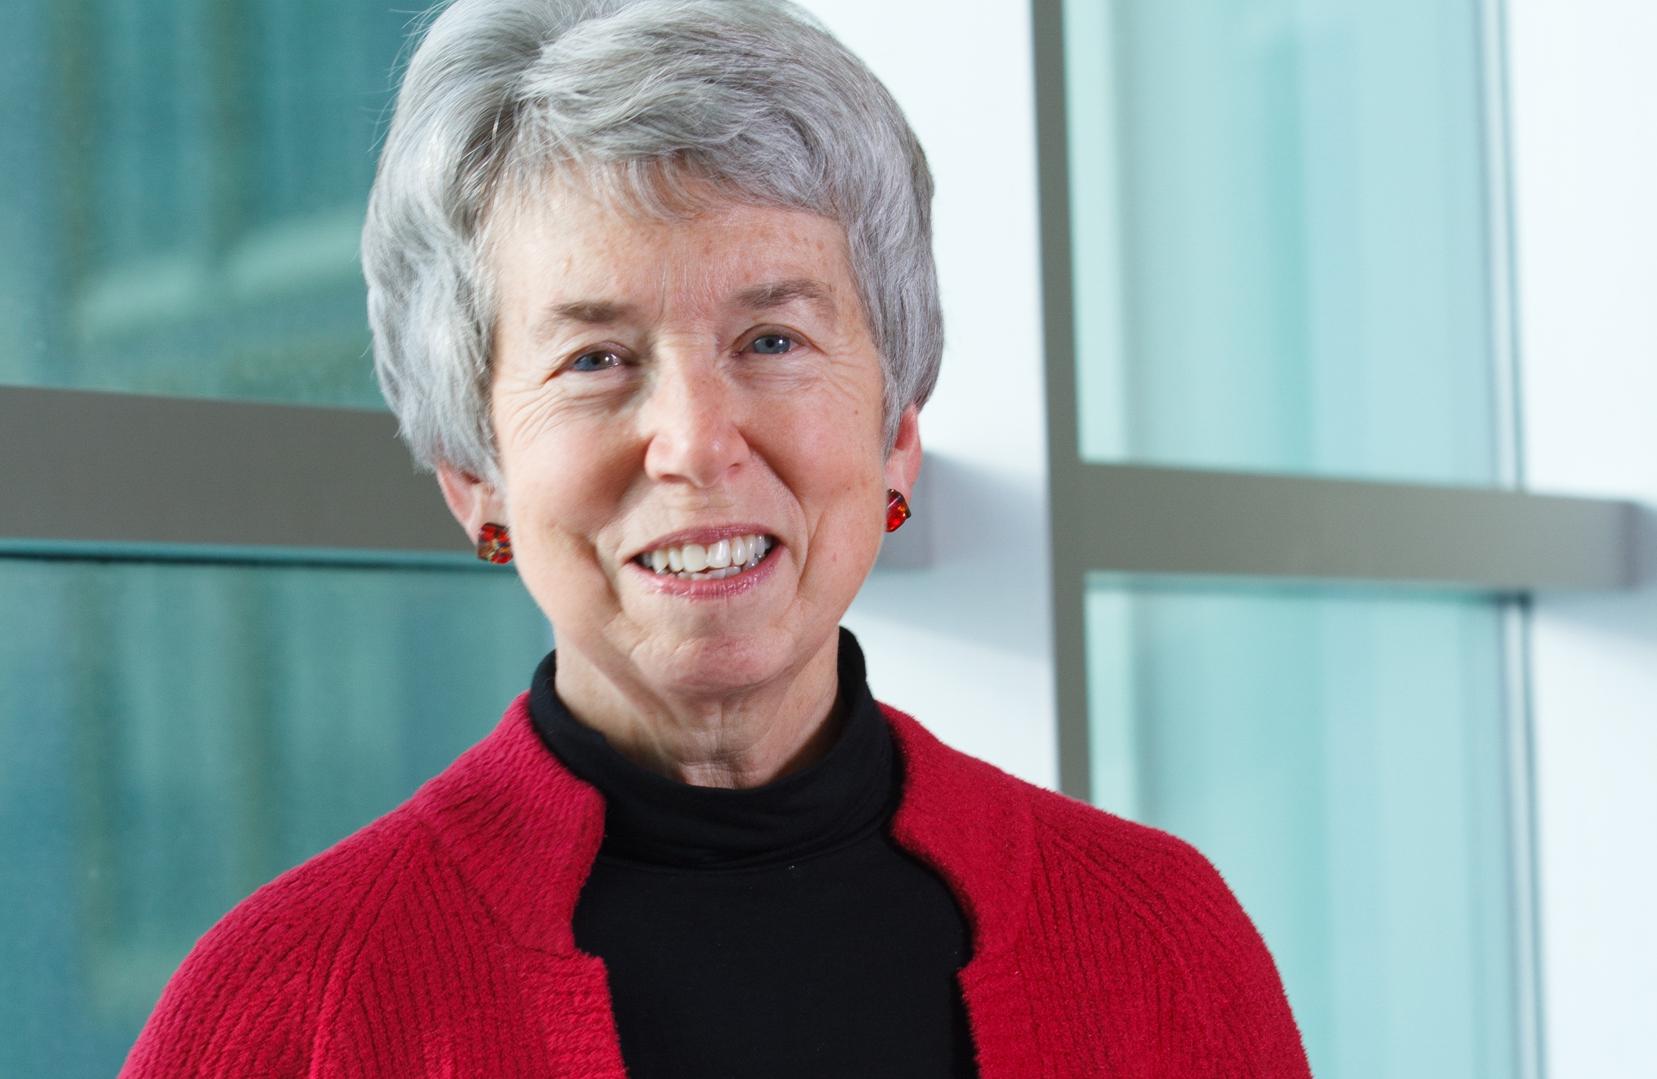 L'édition 2019 Du Prix Dr Rogers De 2019 Pour La Médecine Complémentaire Et Alternative Est Décerné à La Dre Bonnie J. Kaplan, Ph. D.